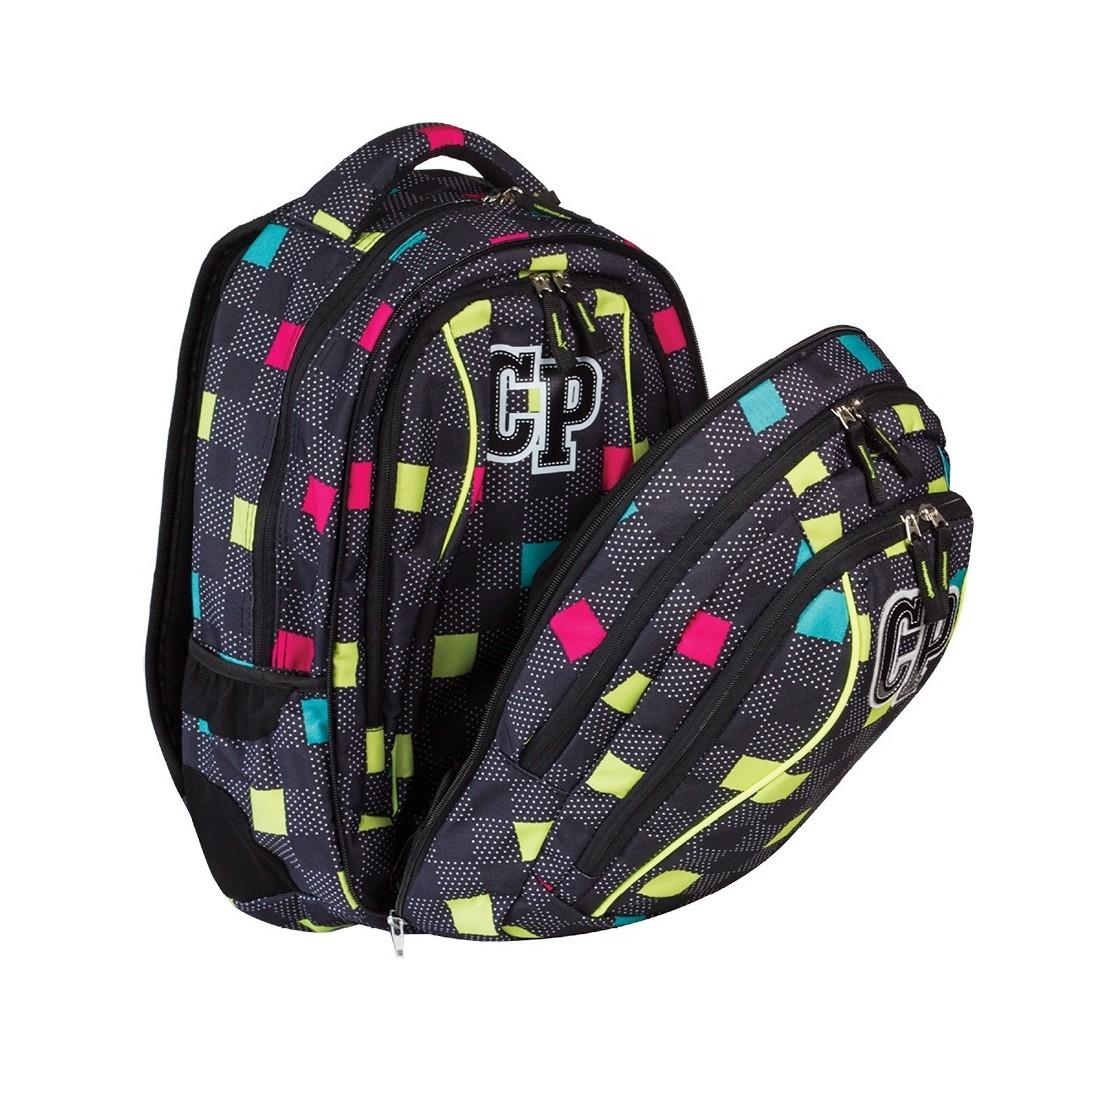 Plecak młodzieżowy CoolPack CP czarny w kwadraciki - 2w1 COMBO COLOUR TILES 472 - plecak-tornister.pl